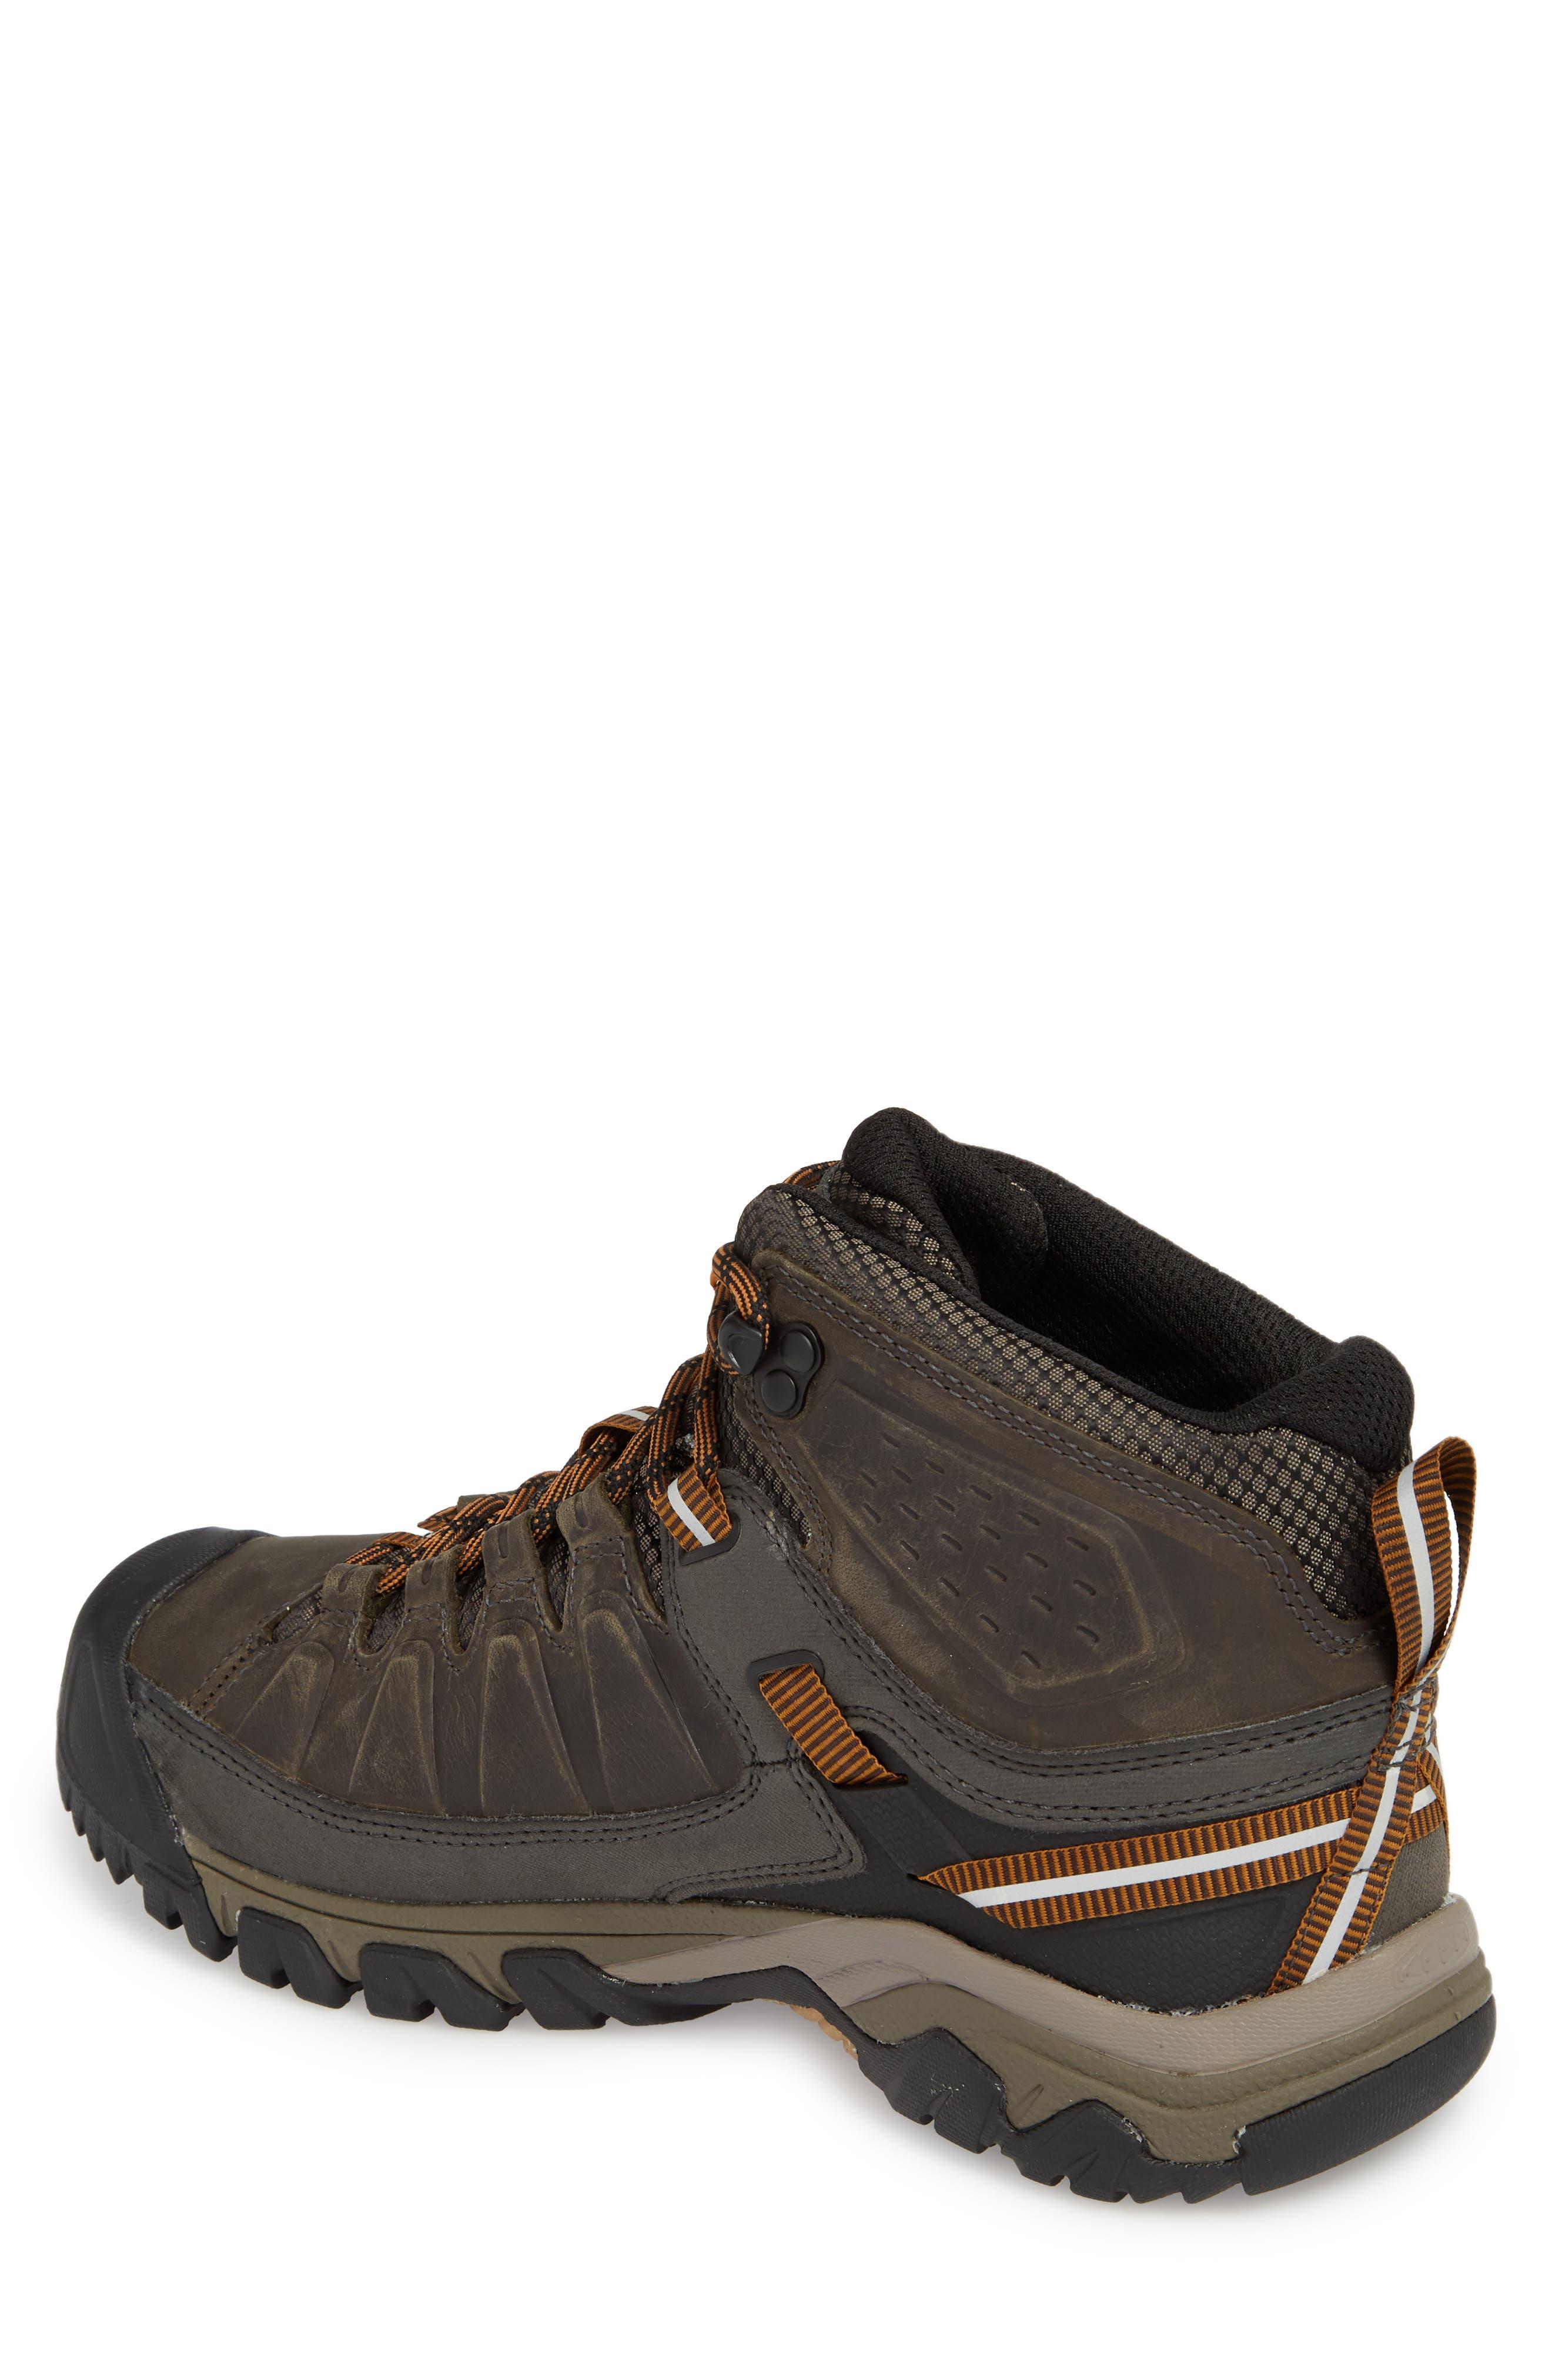 Targhee III Mid Waterproof Hiking Boot,                             Alternate thumbnail 2, color,                             BLACK OLIVE/GOLDEN BROWN